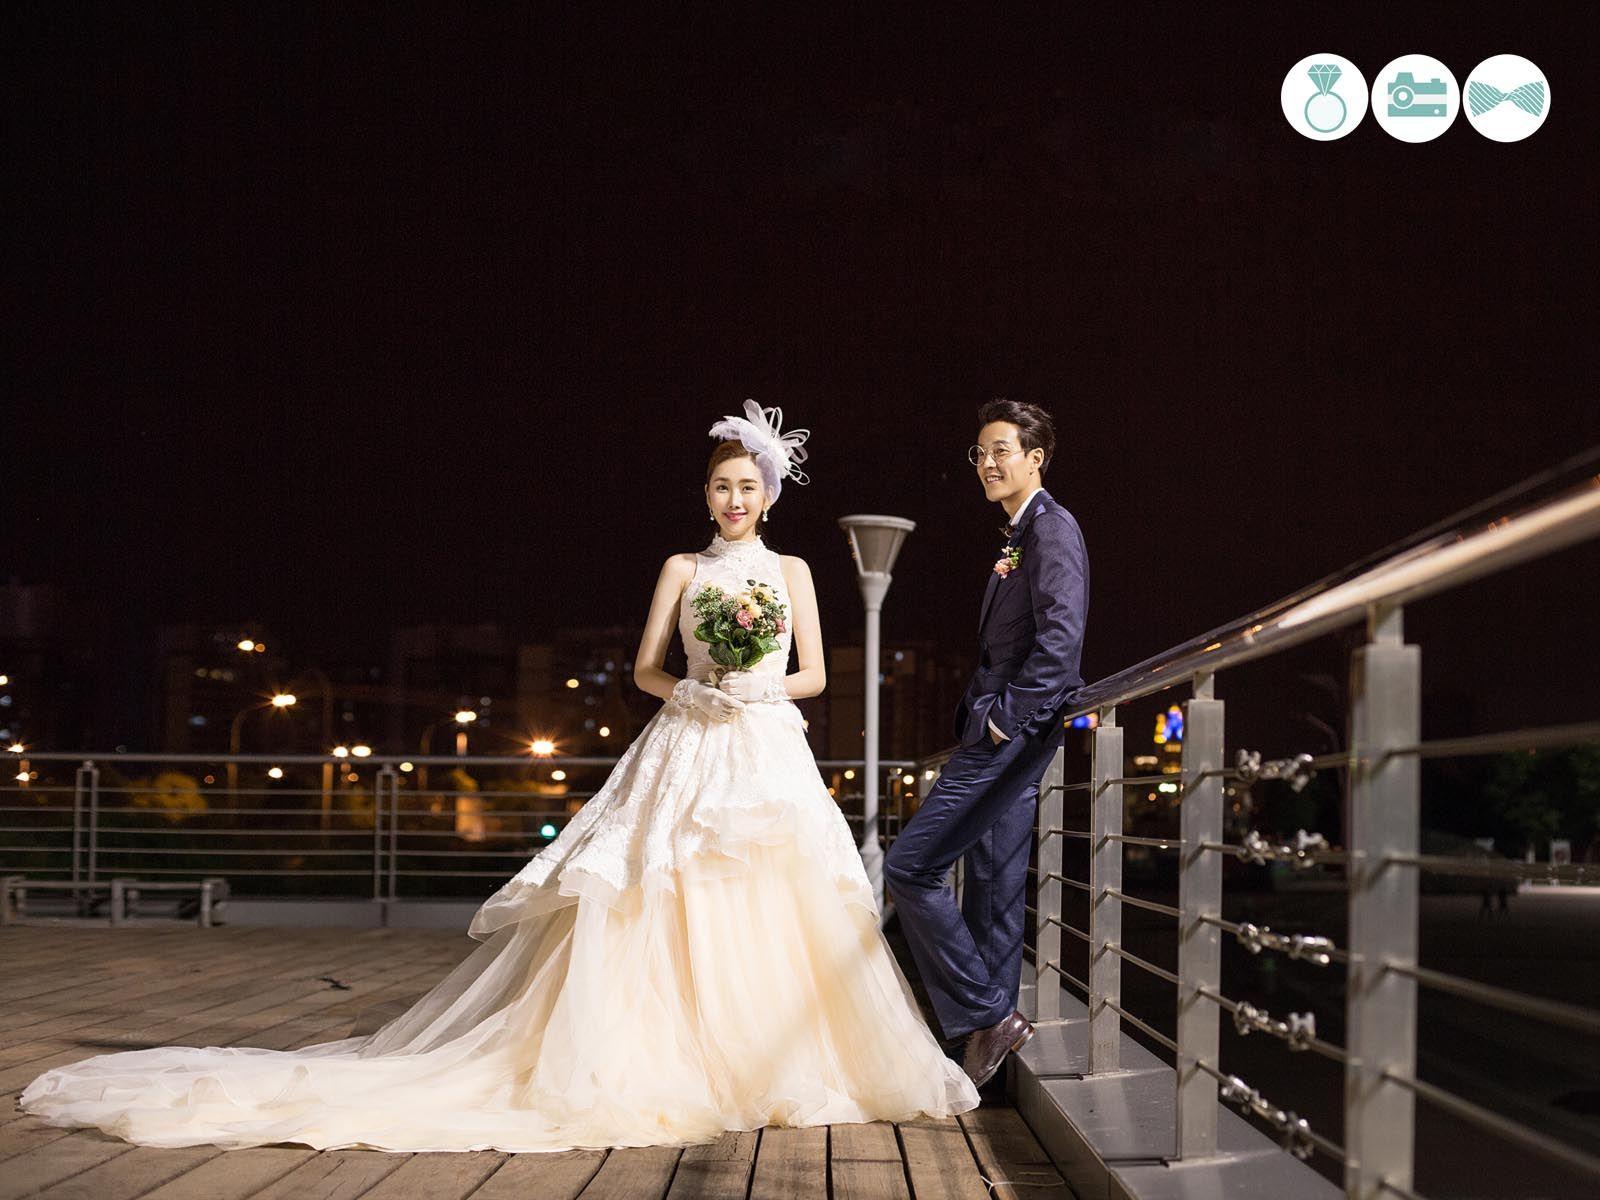 幸福映像婚纱摄影